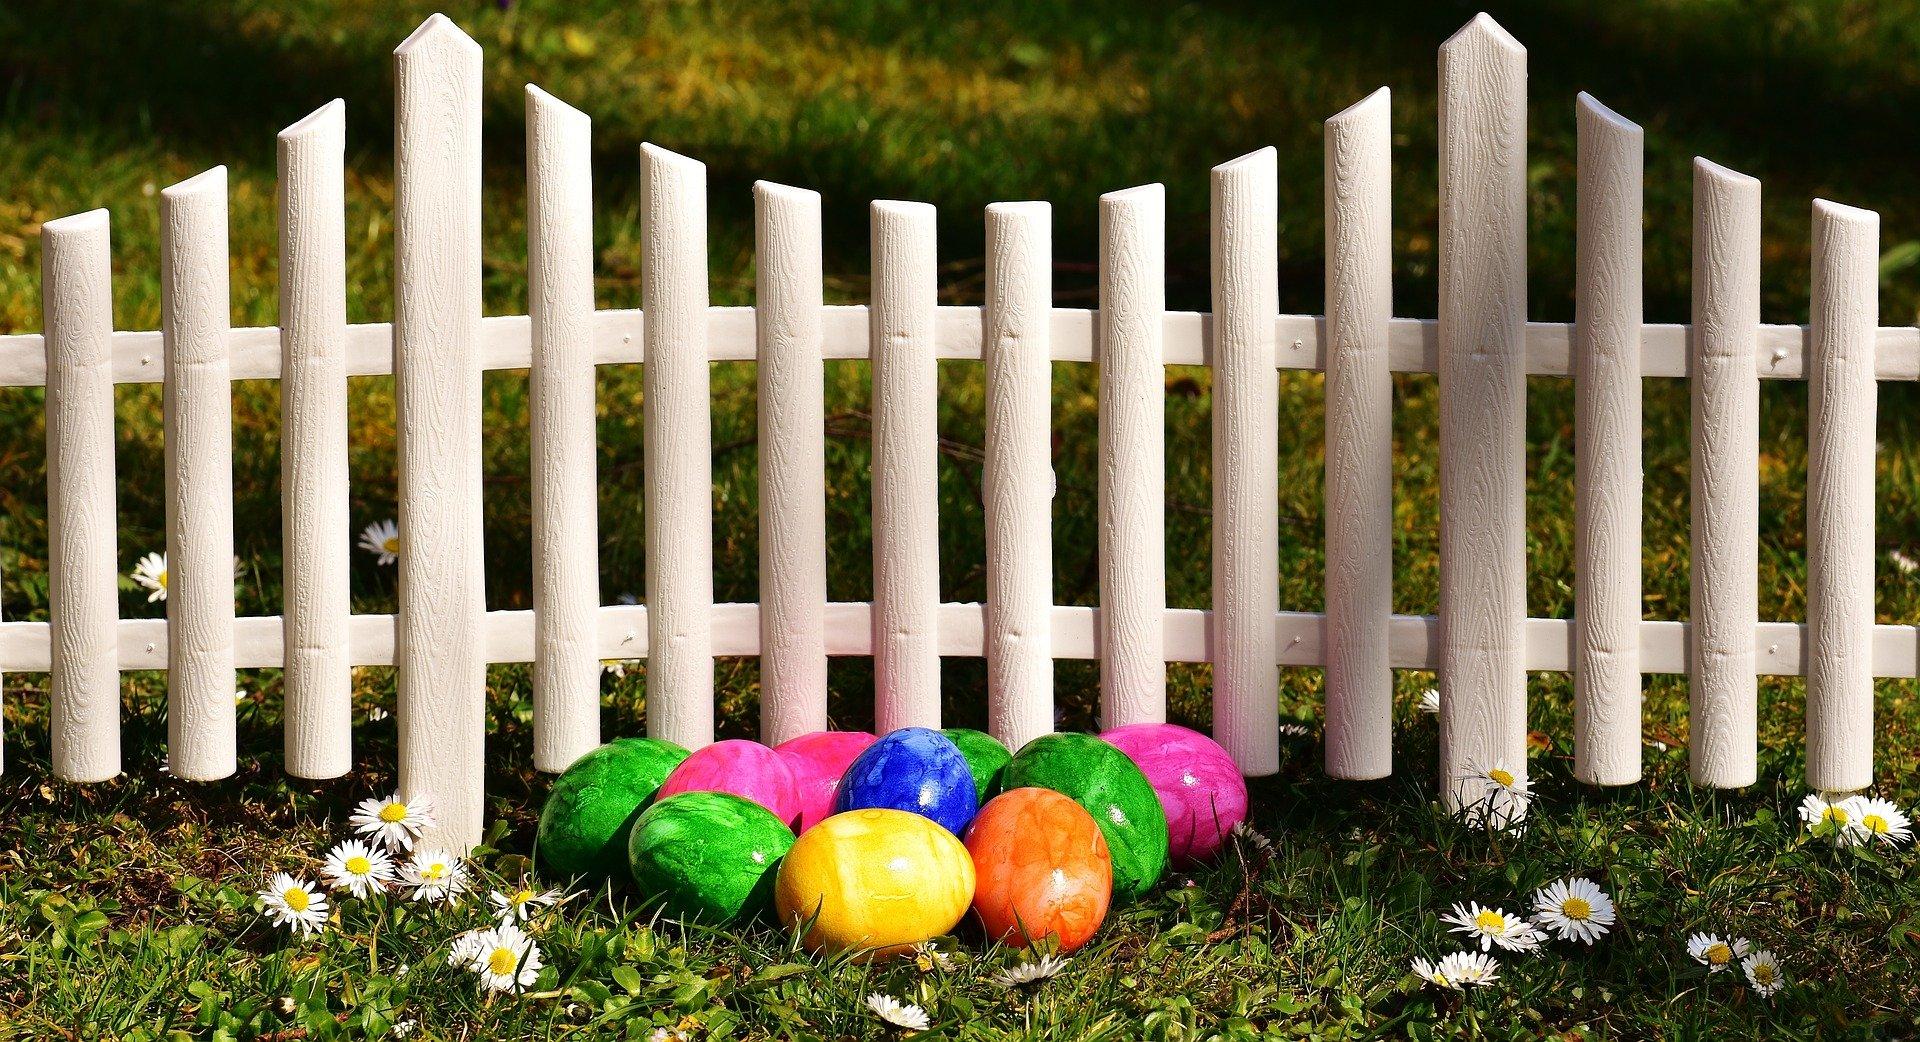 รวมไอเดียตกแต่งบ้านให้เข้ากับเทศกาลอีสเตอร์